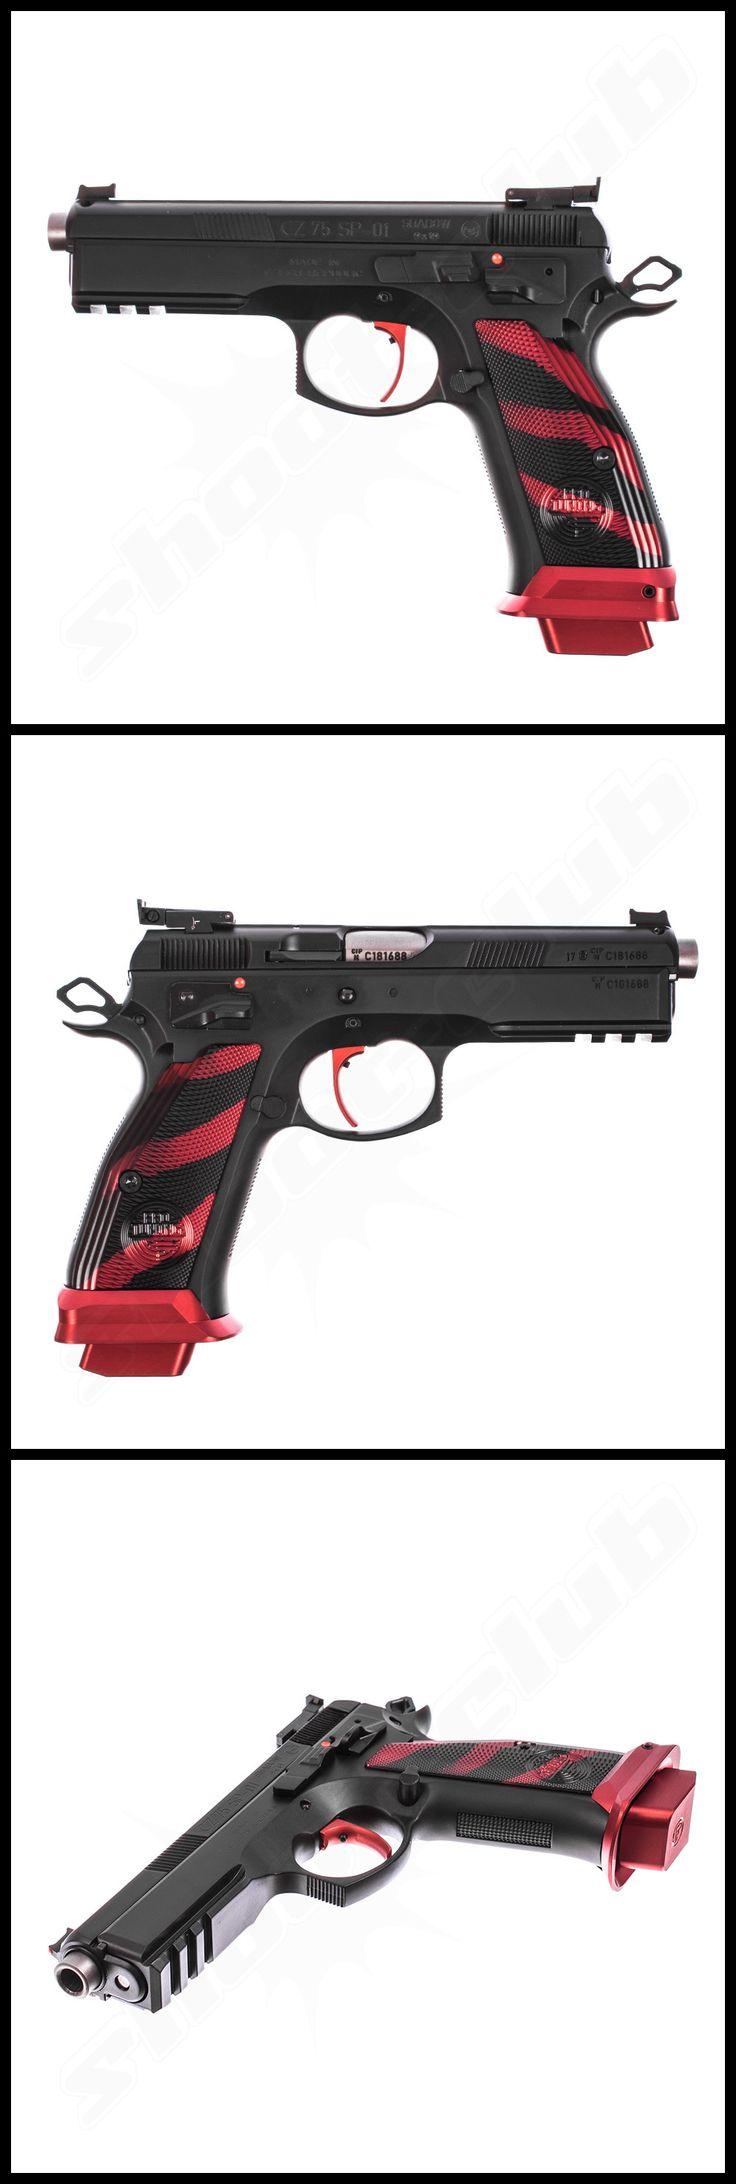 """CZ 75 SP-01 Shadow """"Boa"""" im Kaliber 9mm Luger    - weitere Informationen und Produkte findet Ihr auf www.shoot-club.de -    #shootclub #pistol #pistole #guns #9mm"""